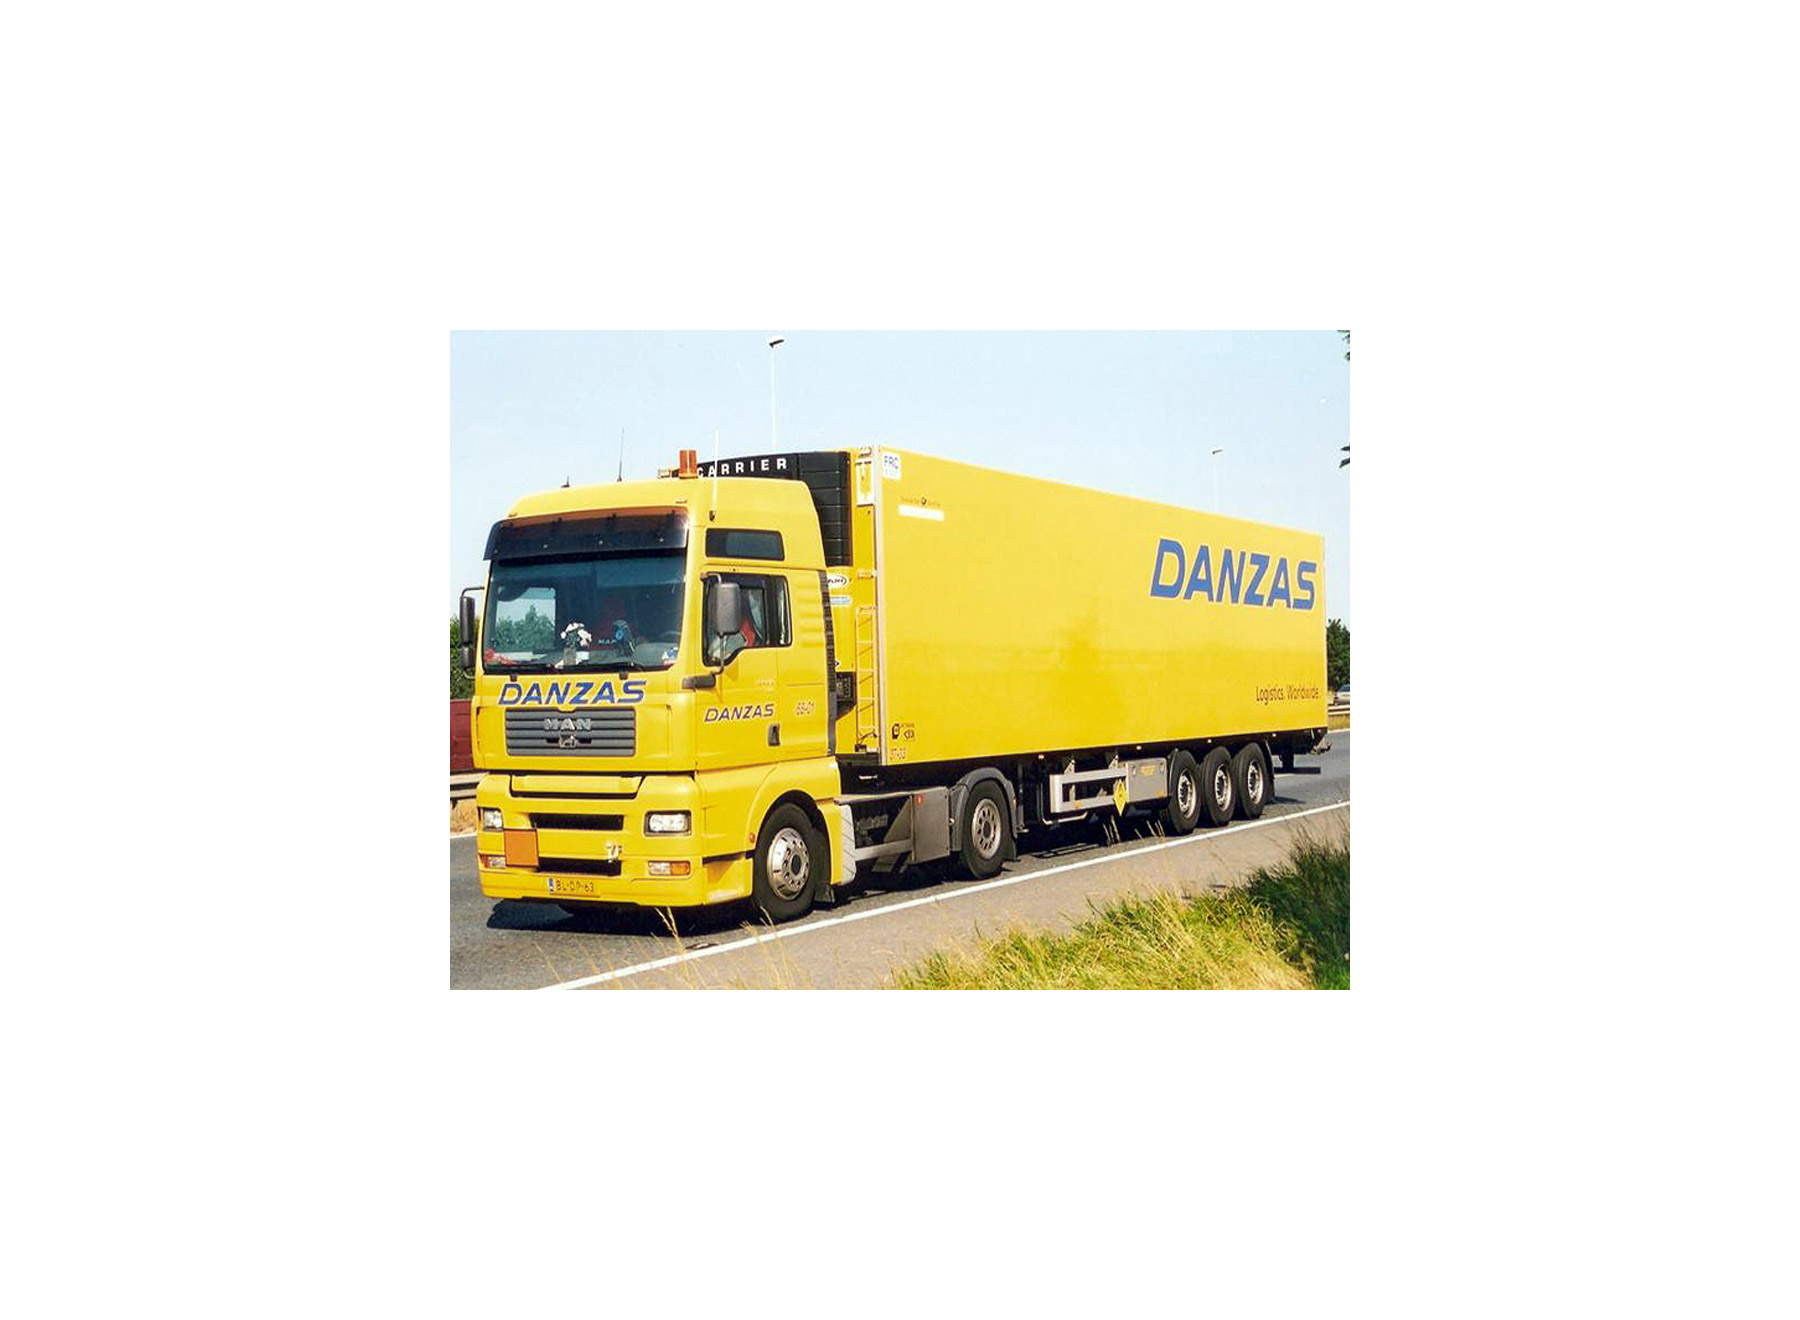 Danzas truck